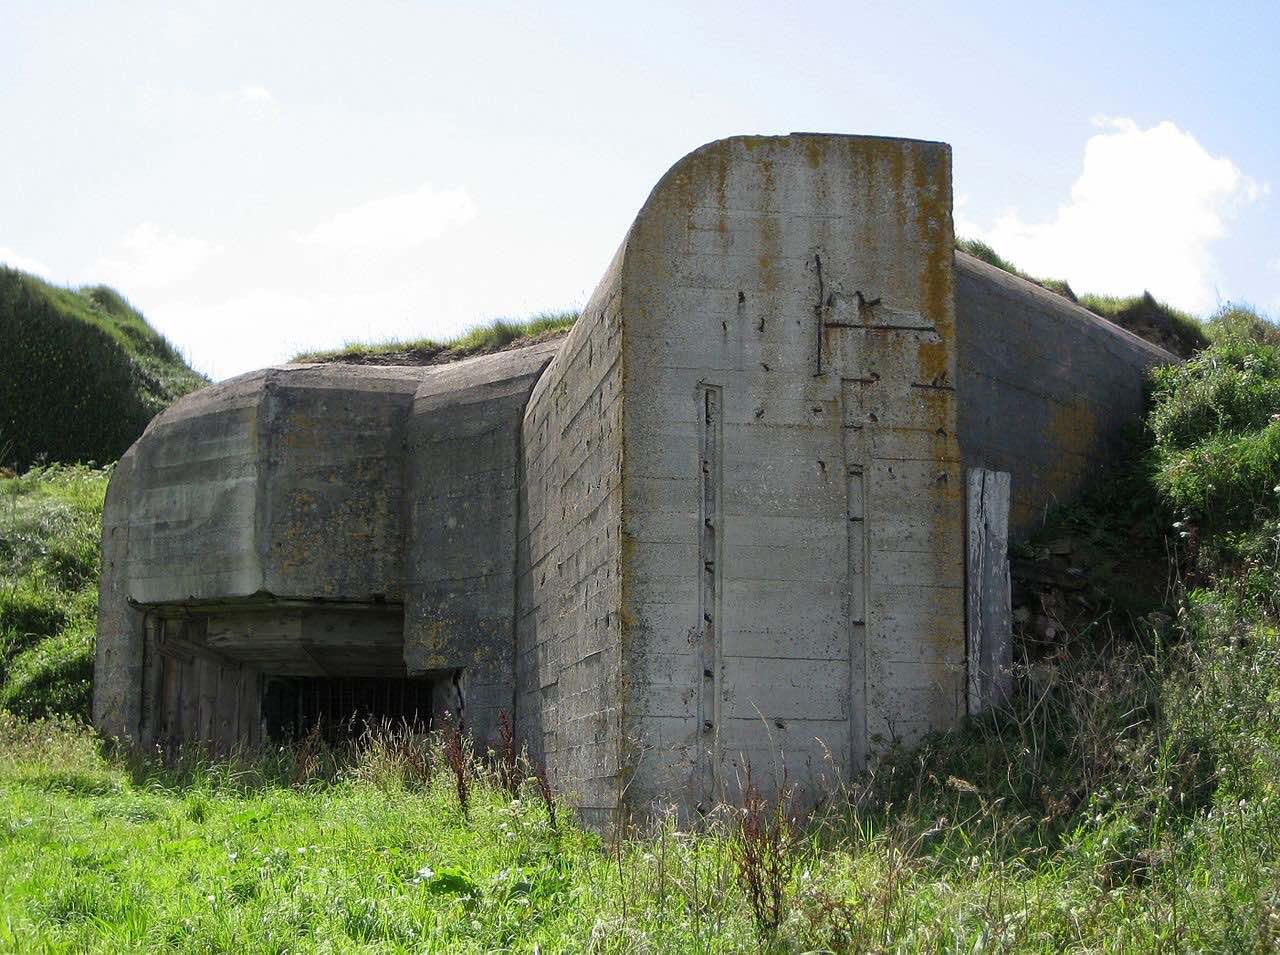 Bunker der Wehrwacht auf der Kanalinsel Alderney